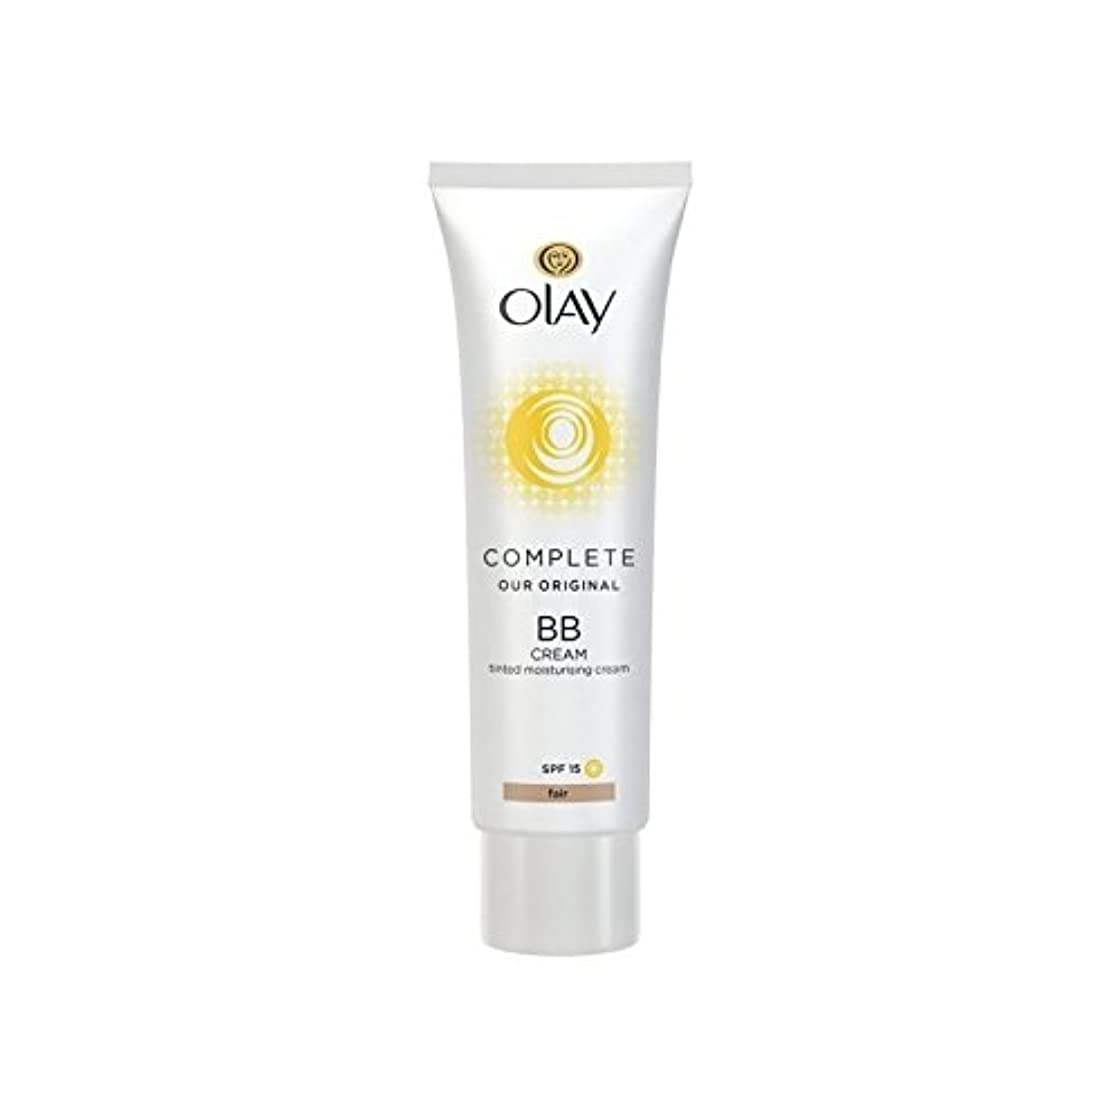 実現可能抑制基準Olay Complete BB Cream Fair SPF15 50ml - オーレイ完全なクリーム15フェアの50ミリリットル [並行輸入品]